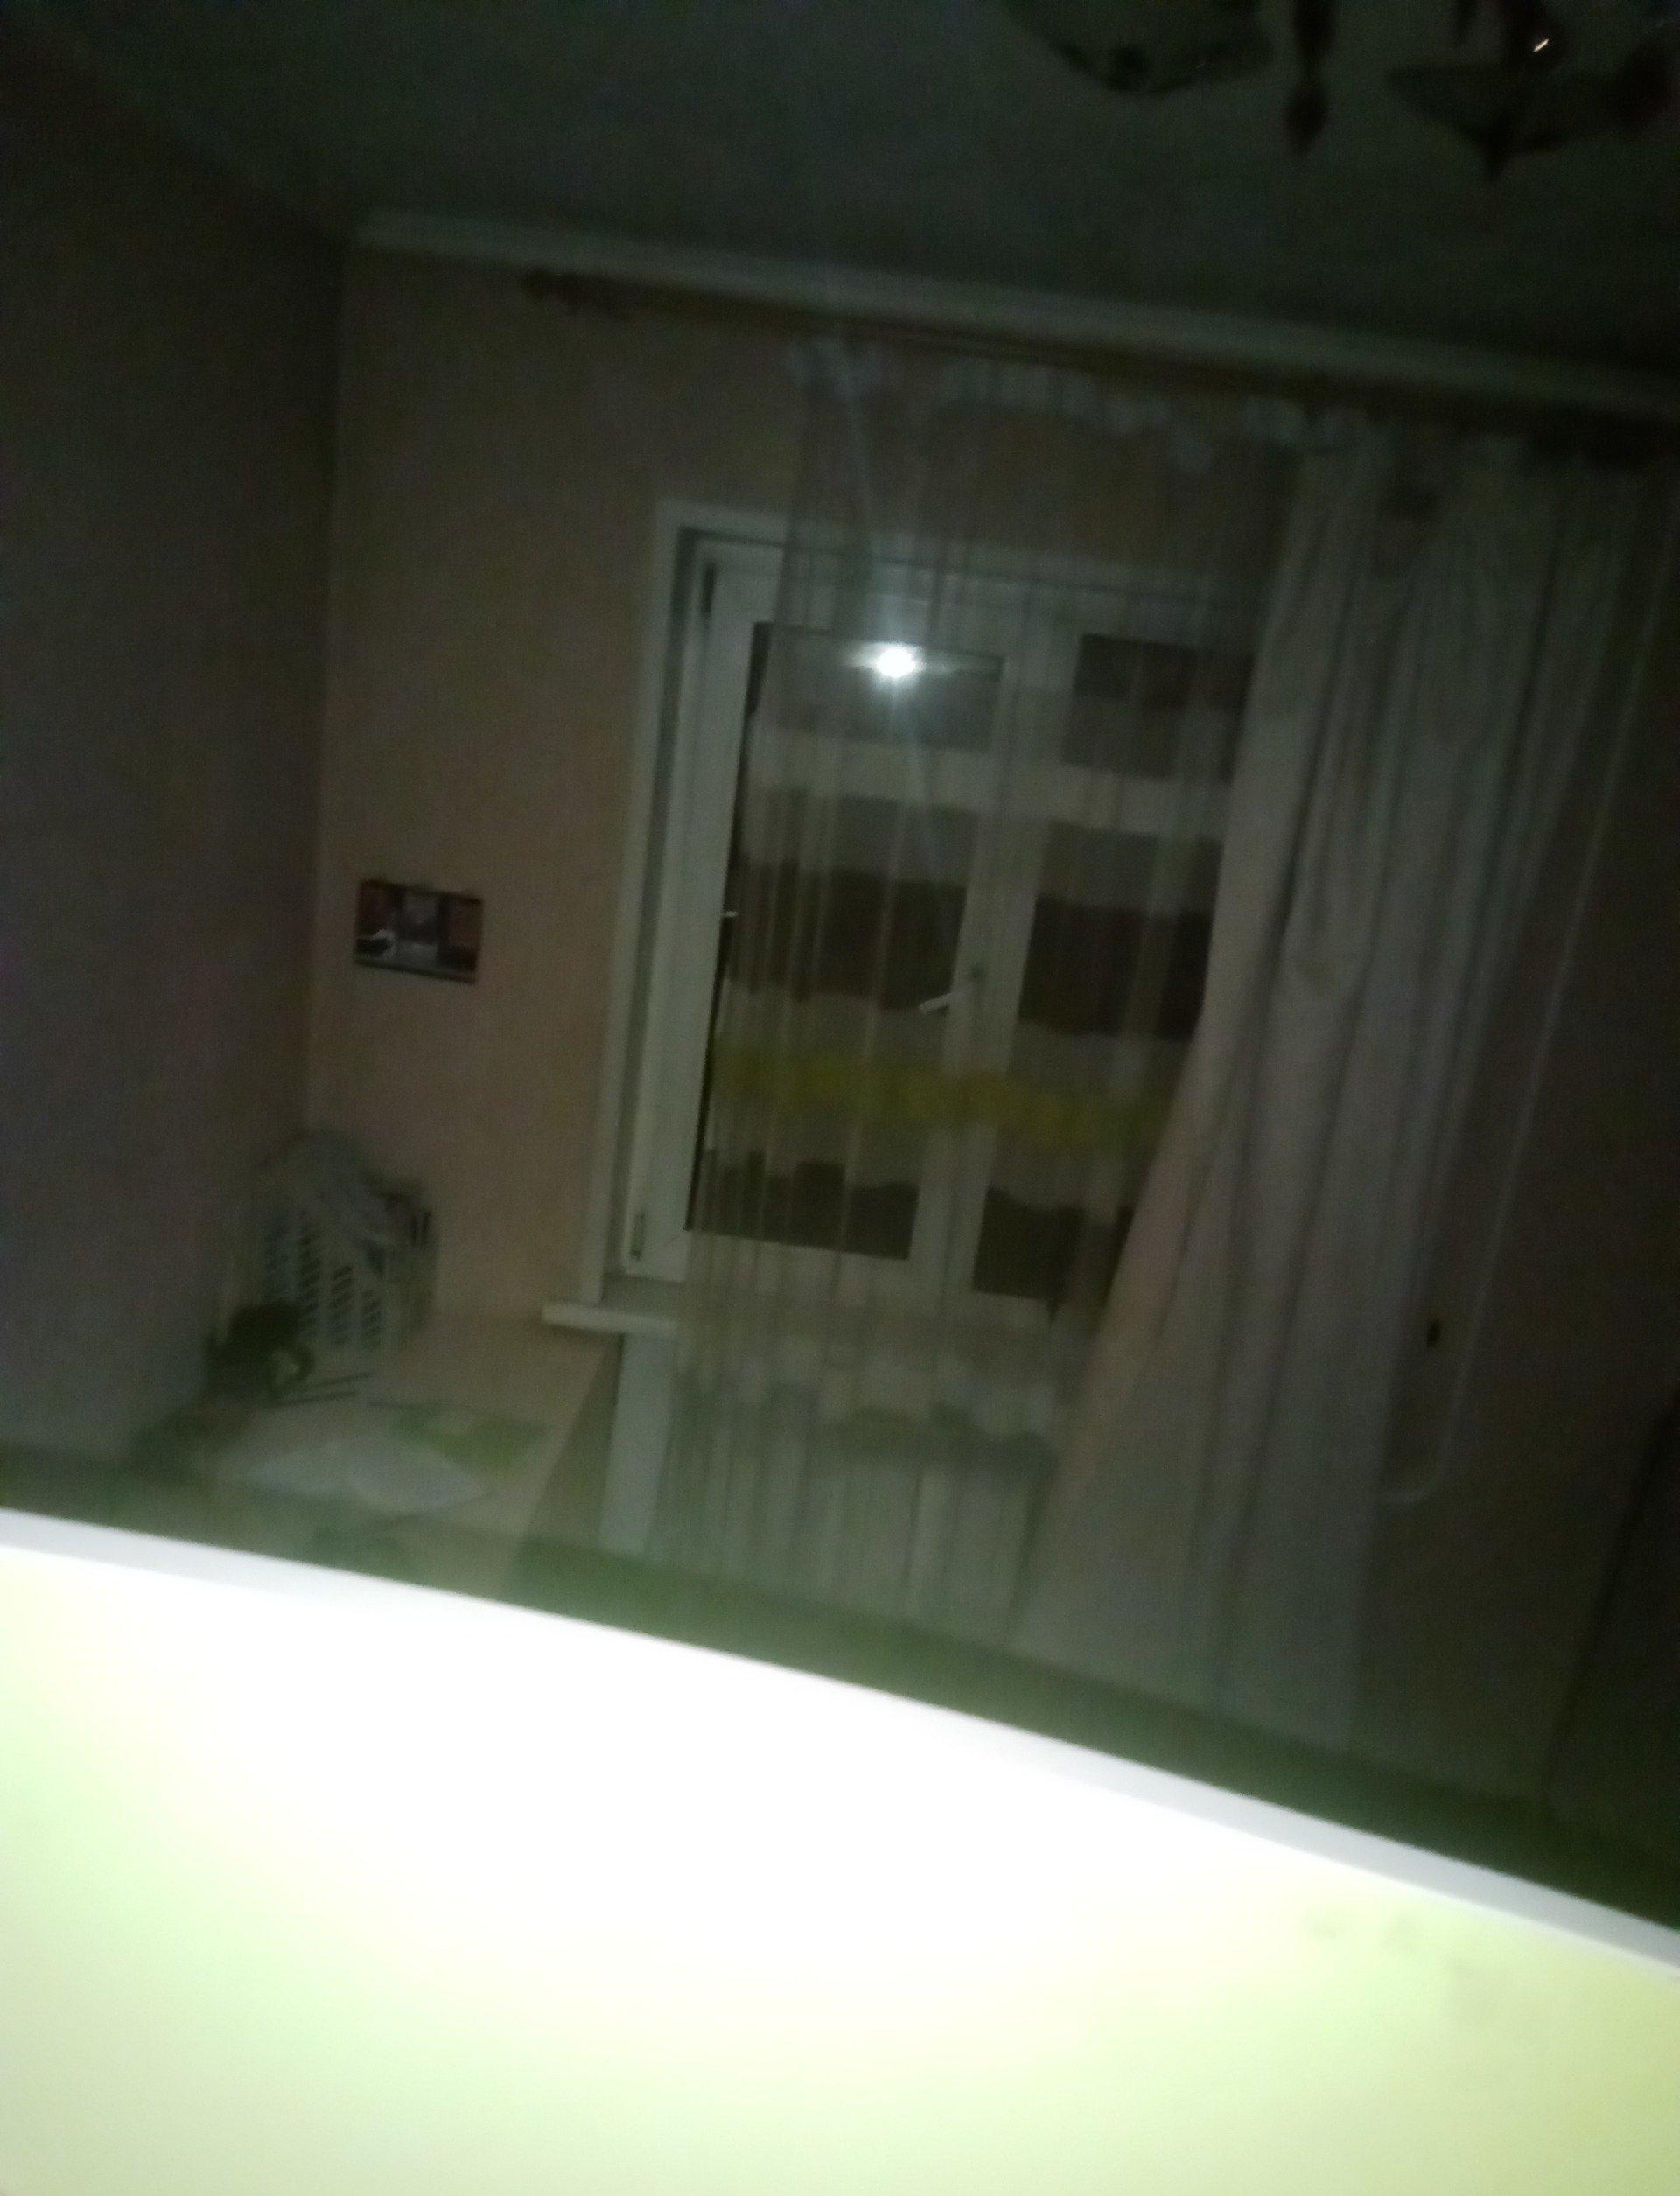 2к квартира ул Кутузова, д 14 | 15100 | аренда в Красноярске фото 0